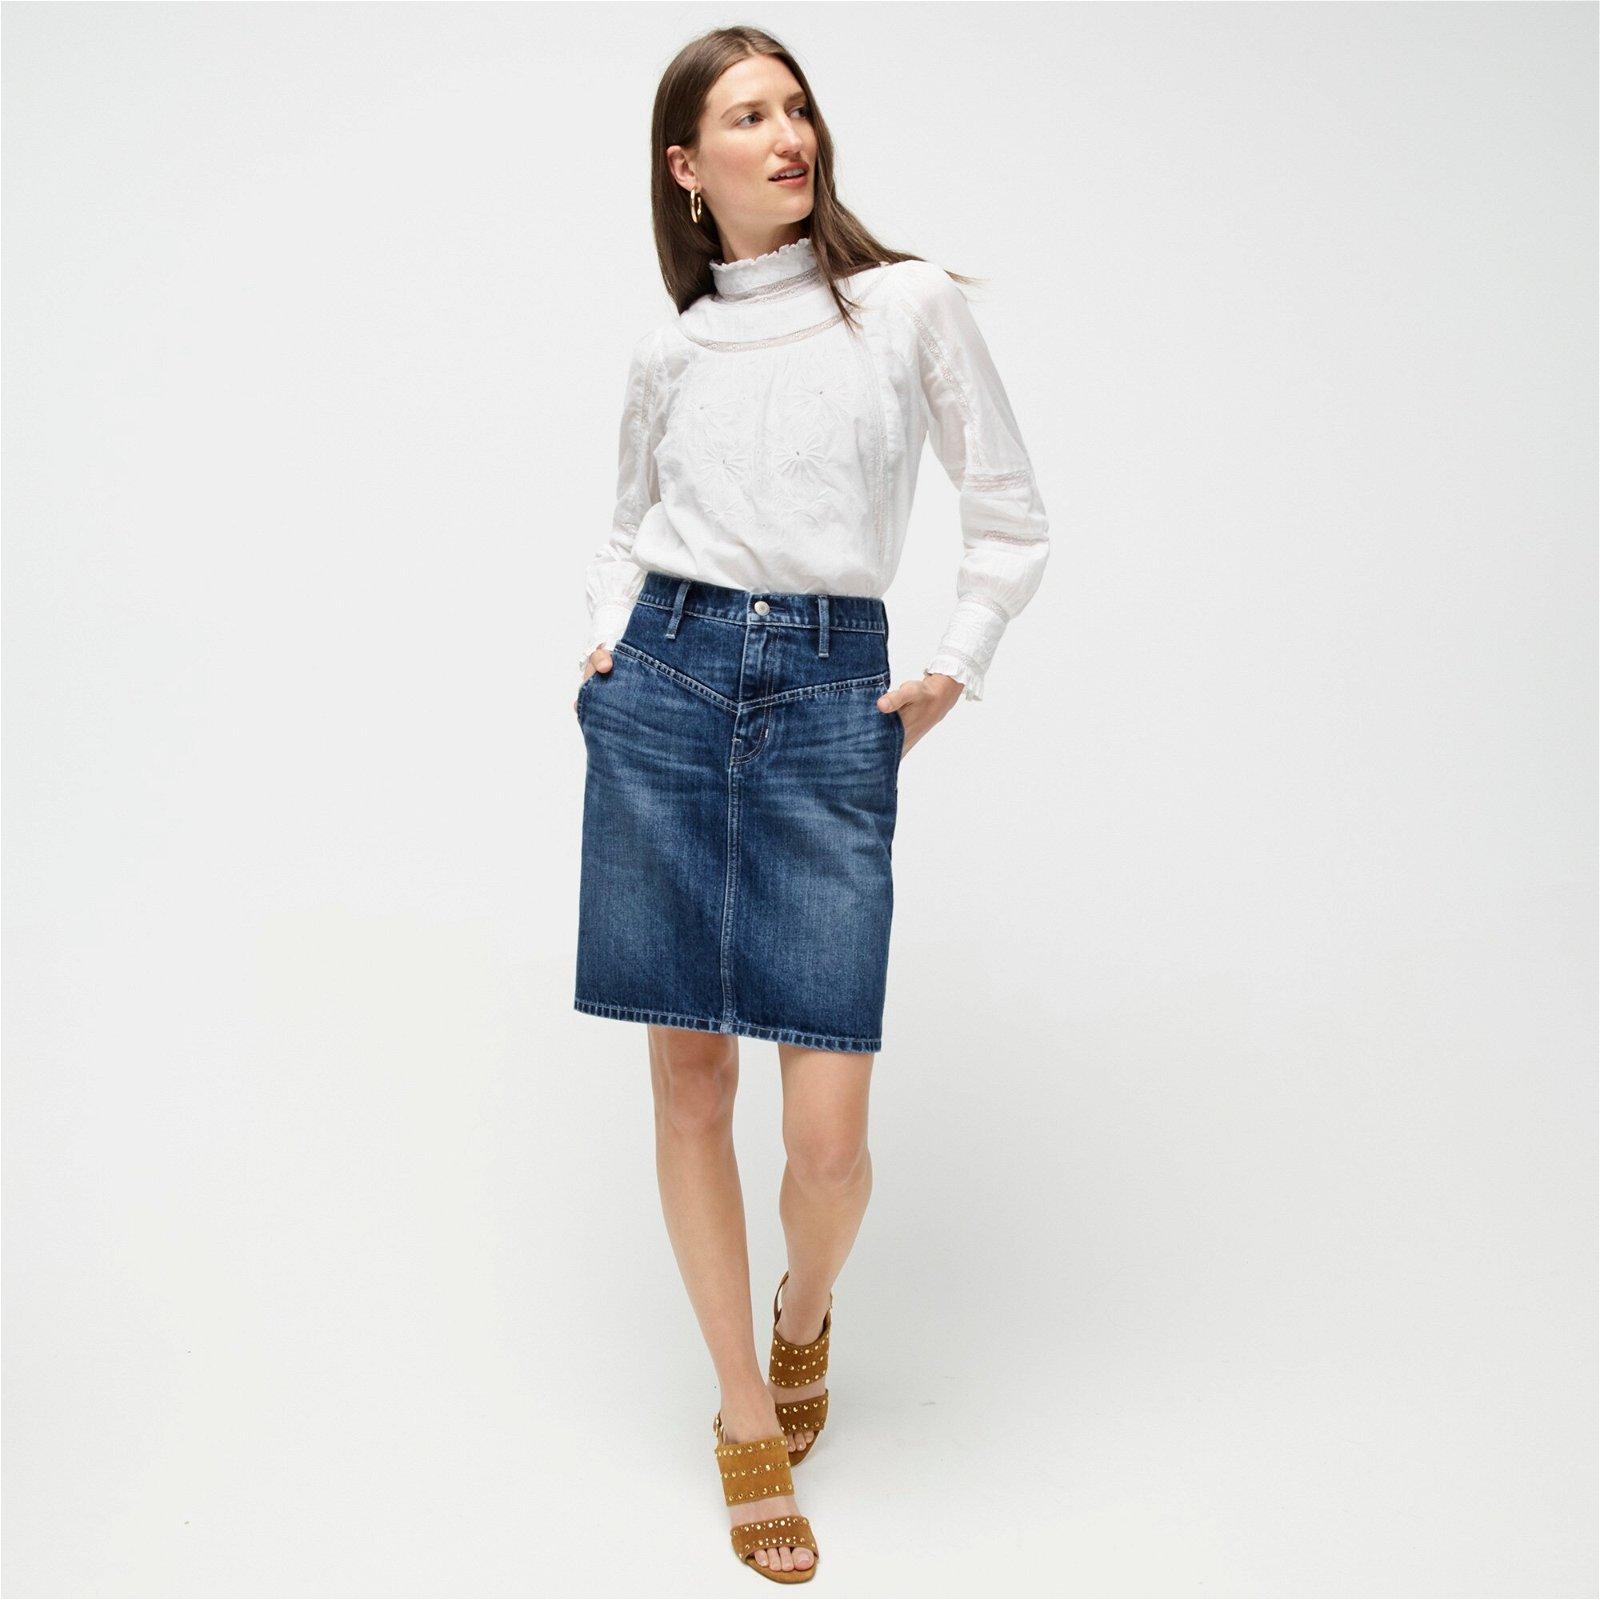 Yoke-front skirt in rigid denim